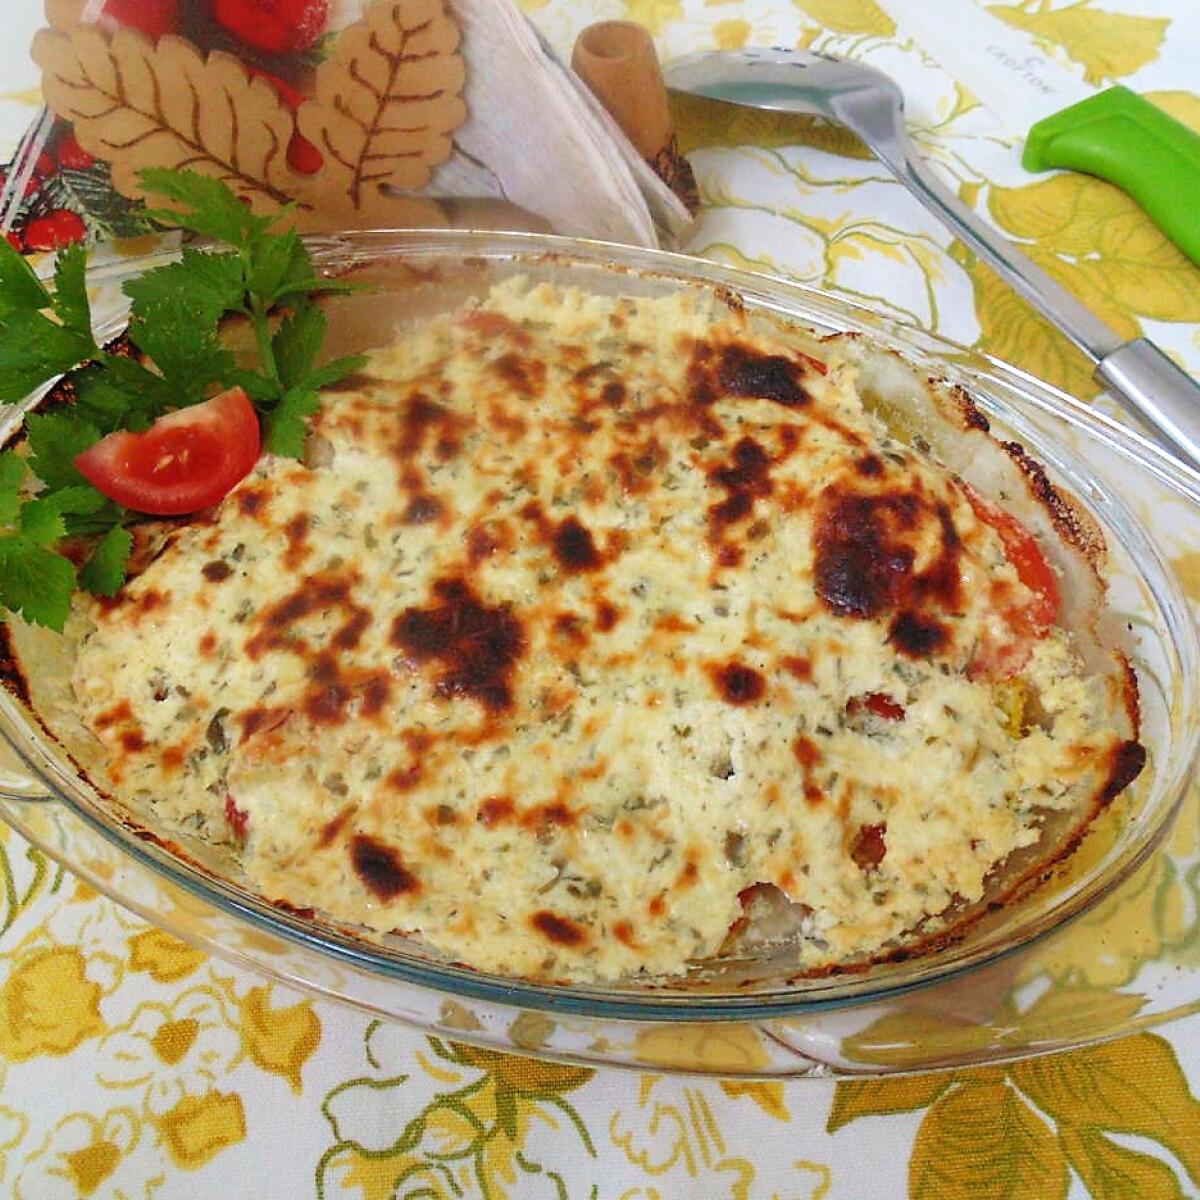 Csőben sült zöldséges hal, sajtos-tejfölös mártással